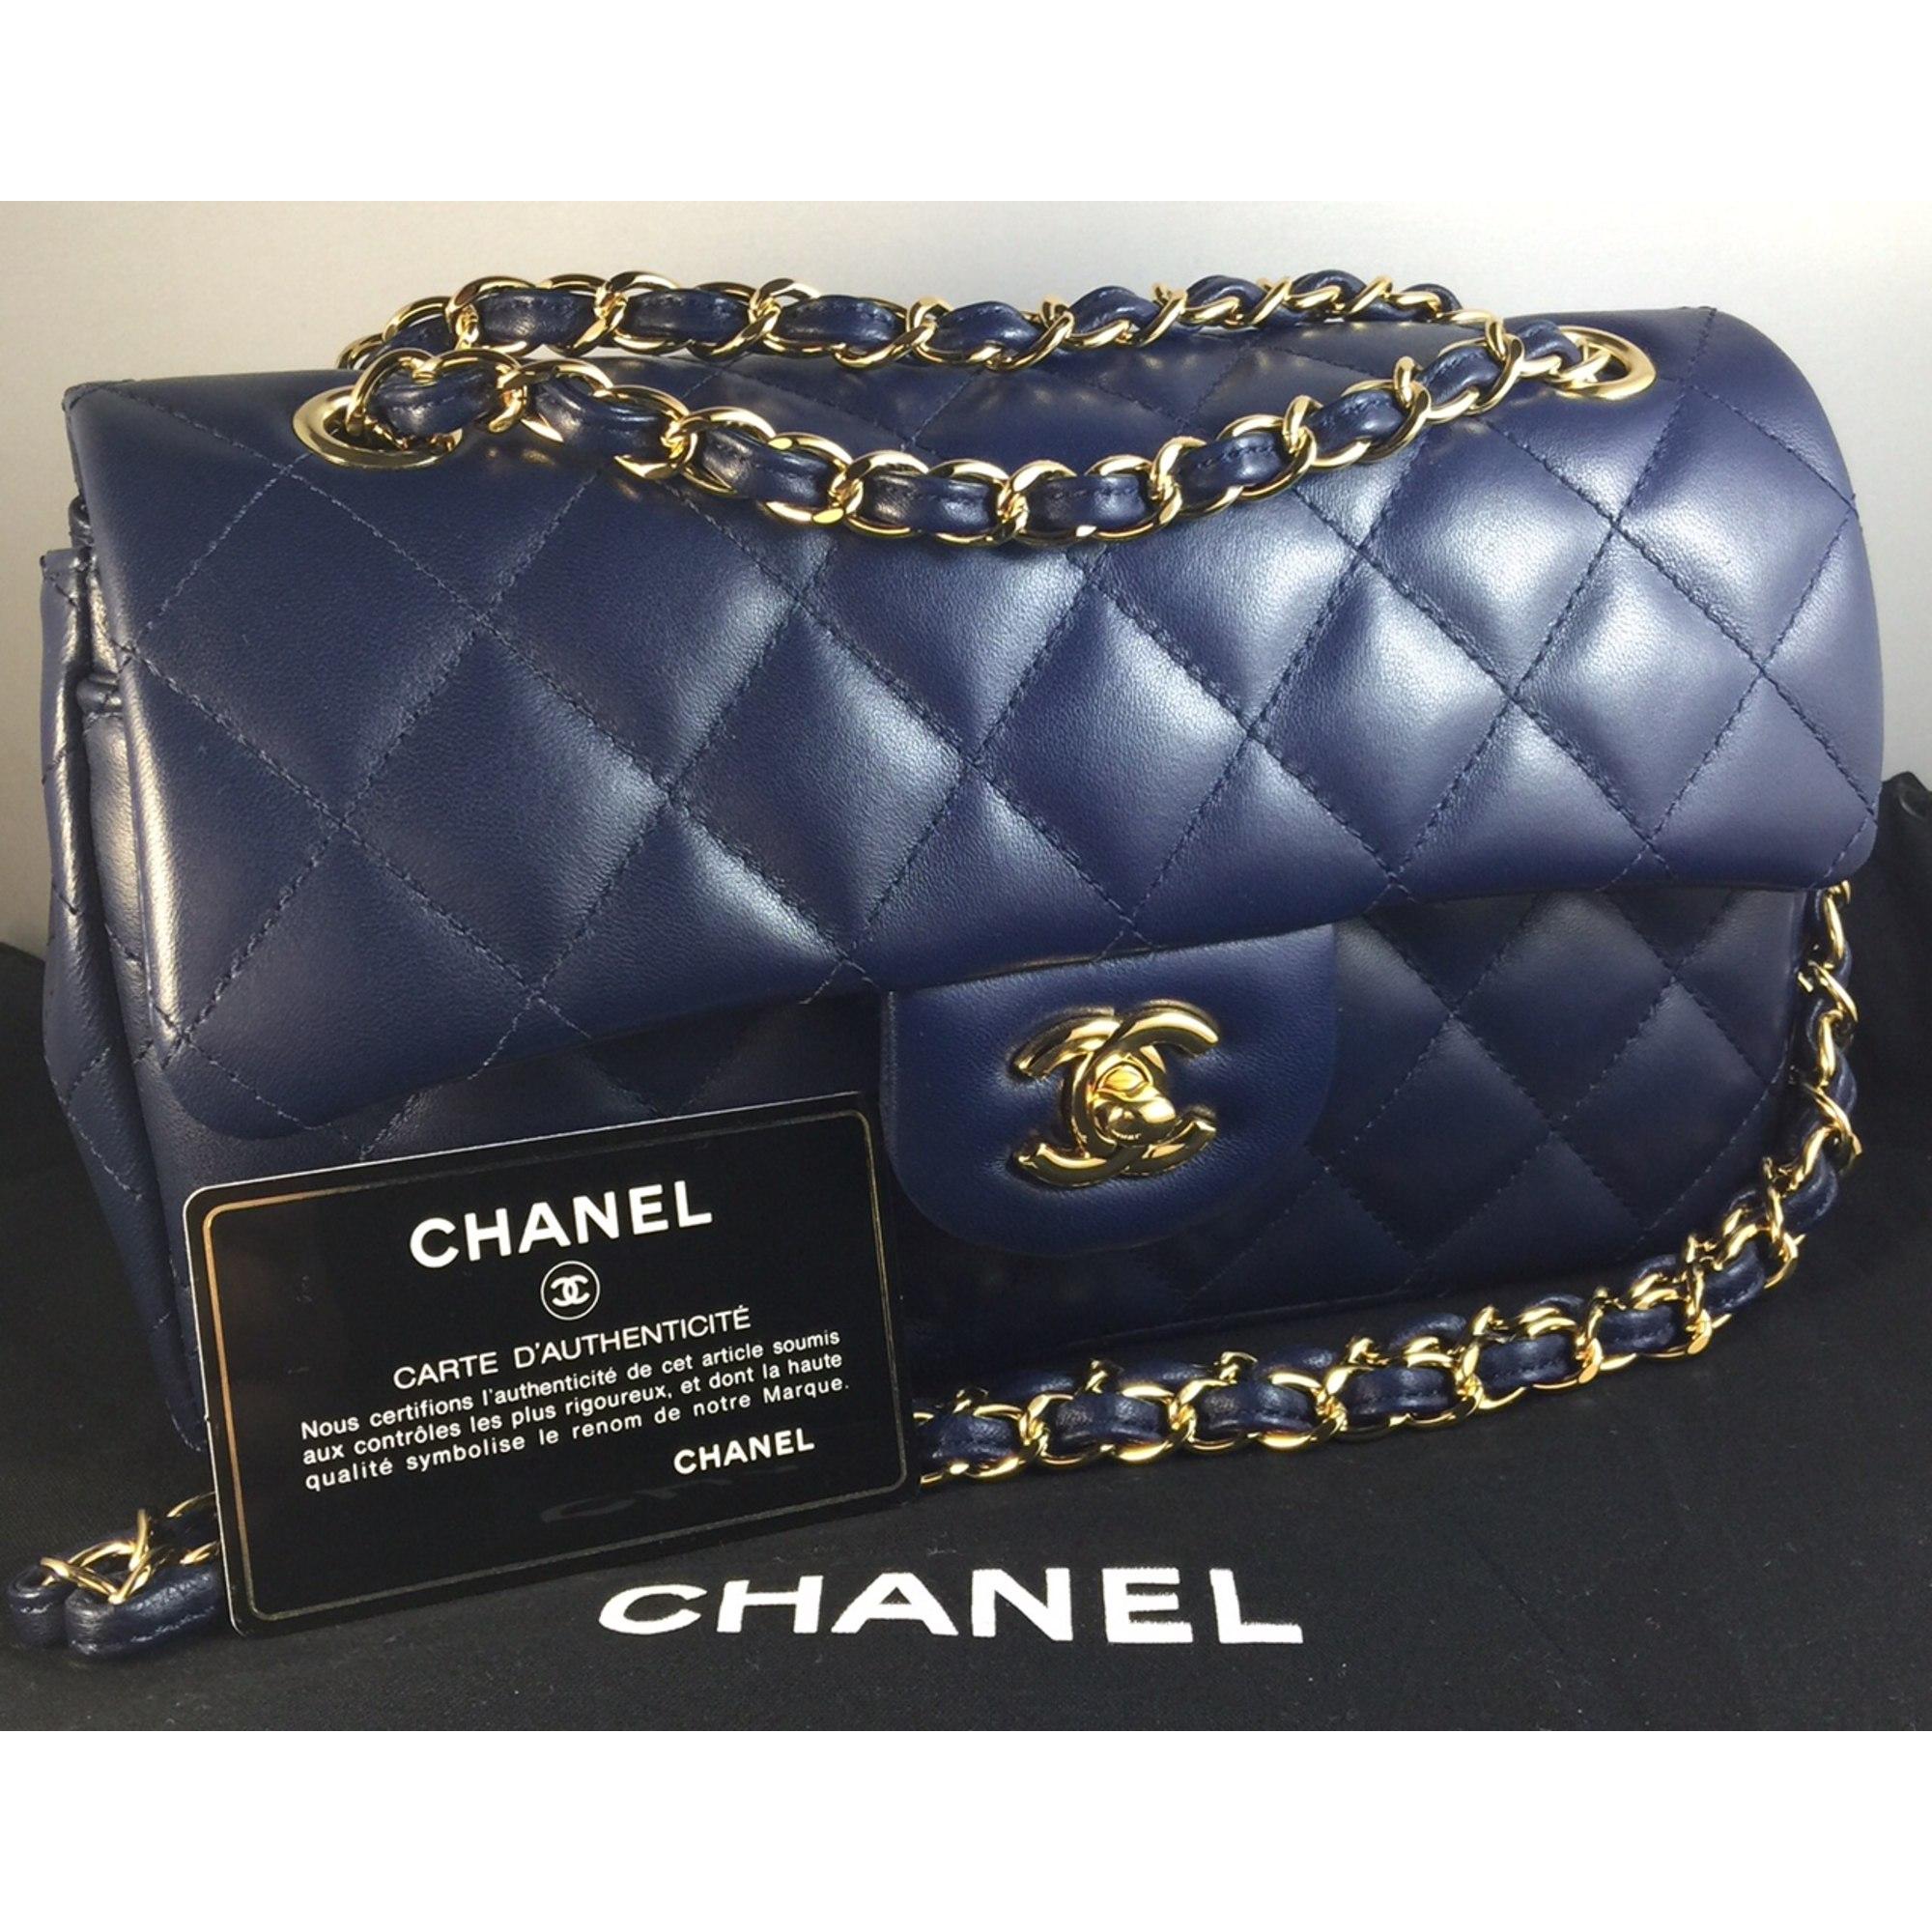 e58e4a85ec Sac à main en cuir CHANEL Bleu, bleu marine, bleu turquoise